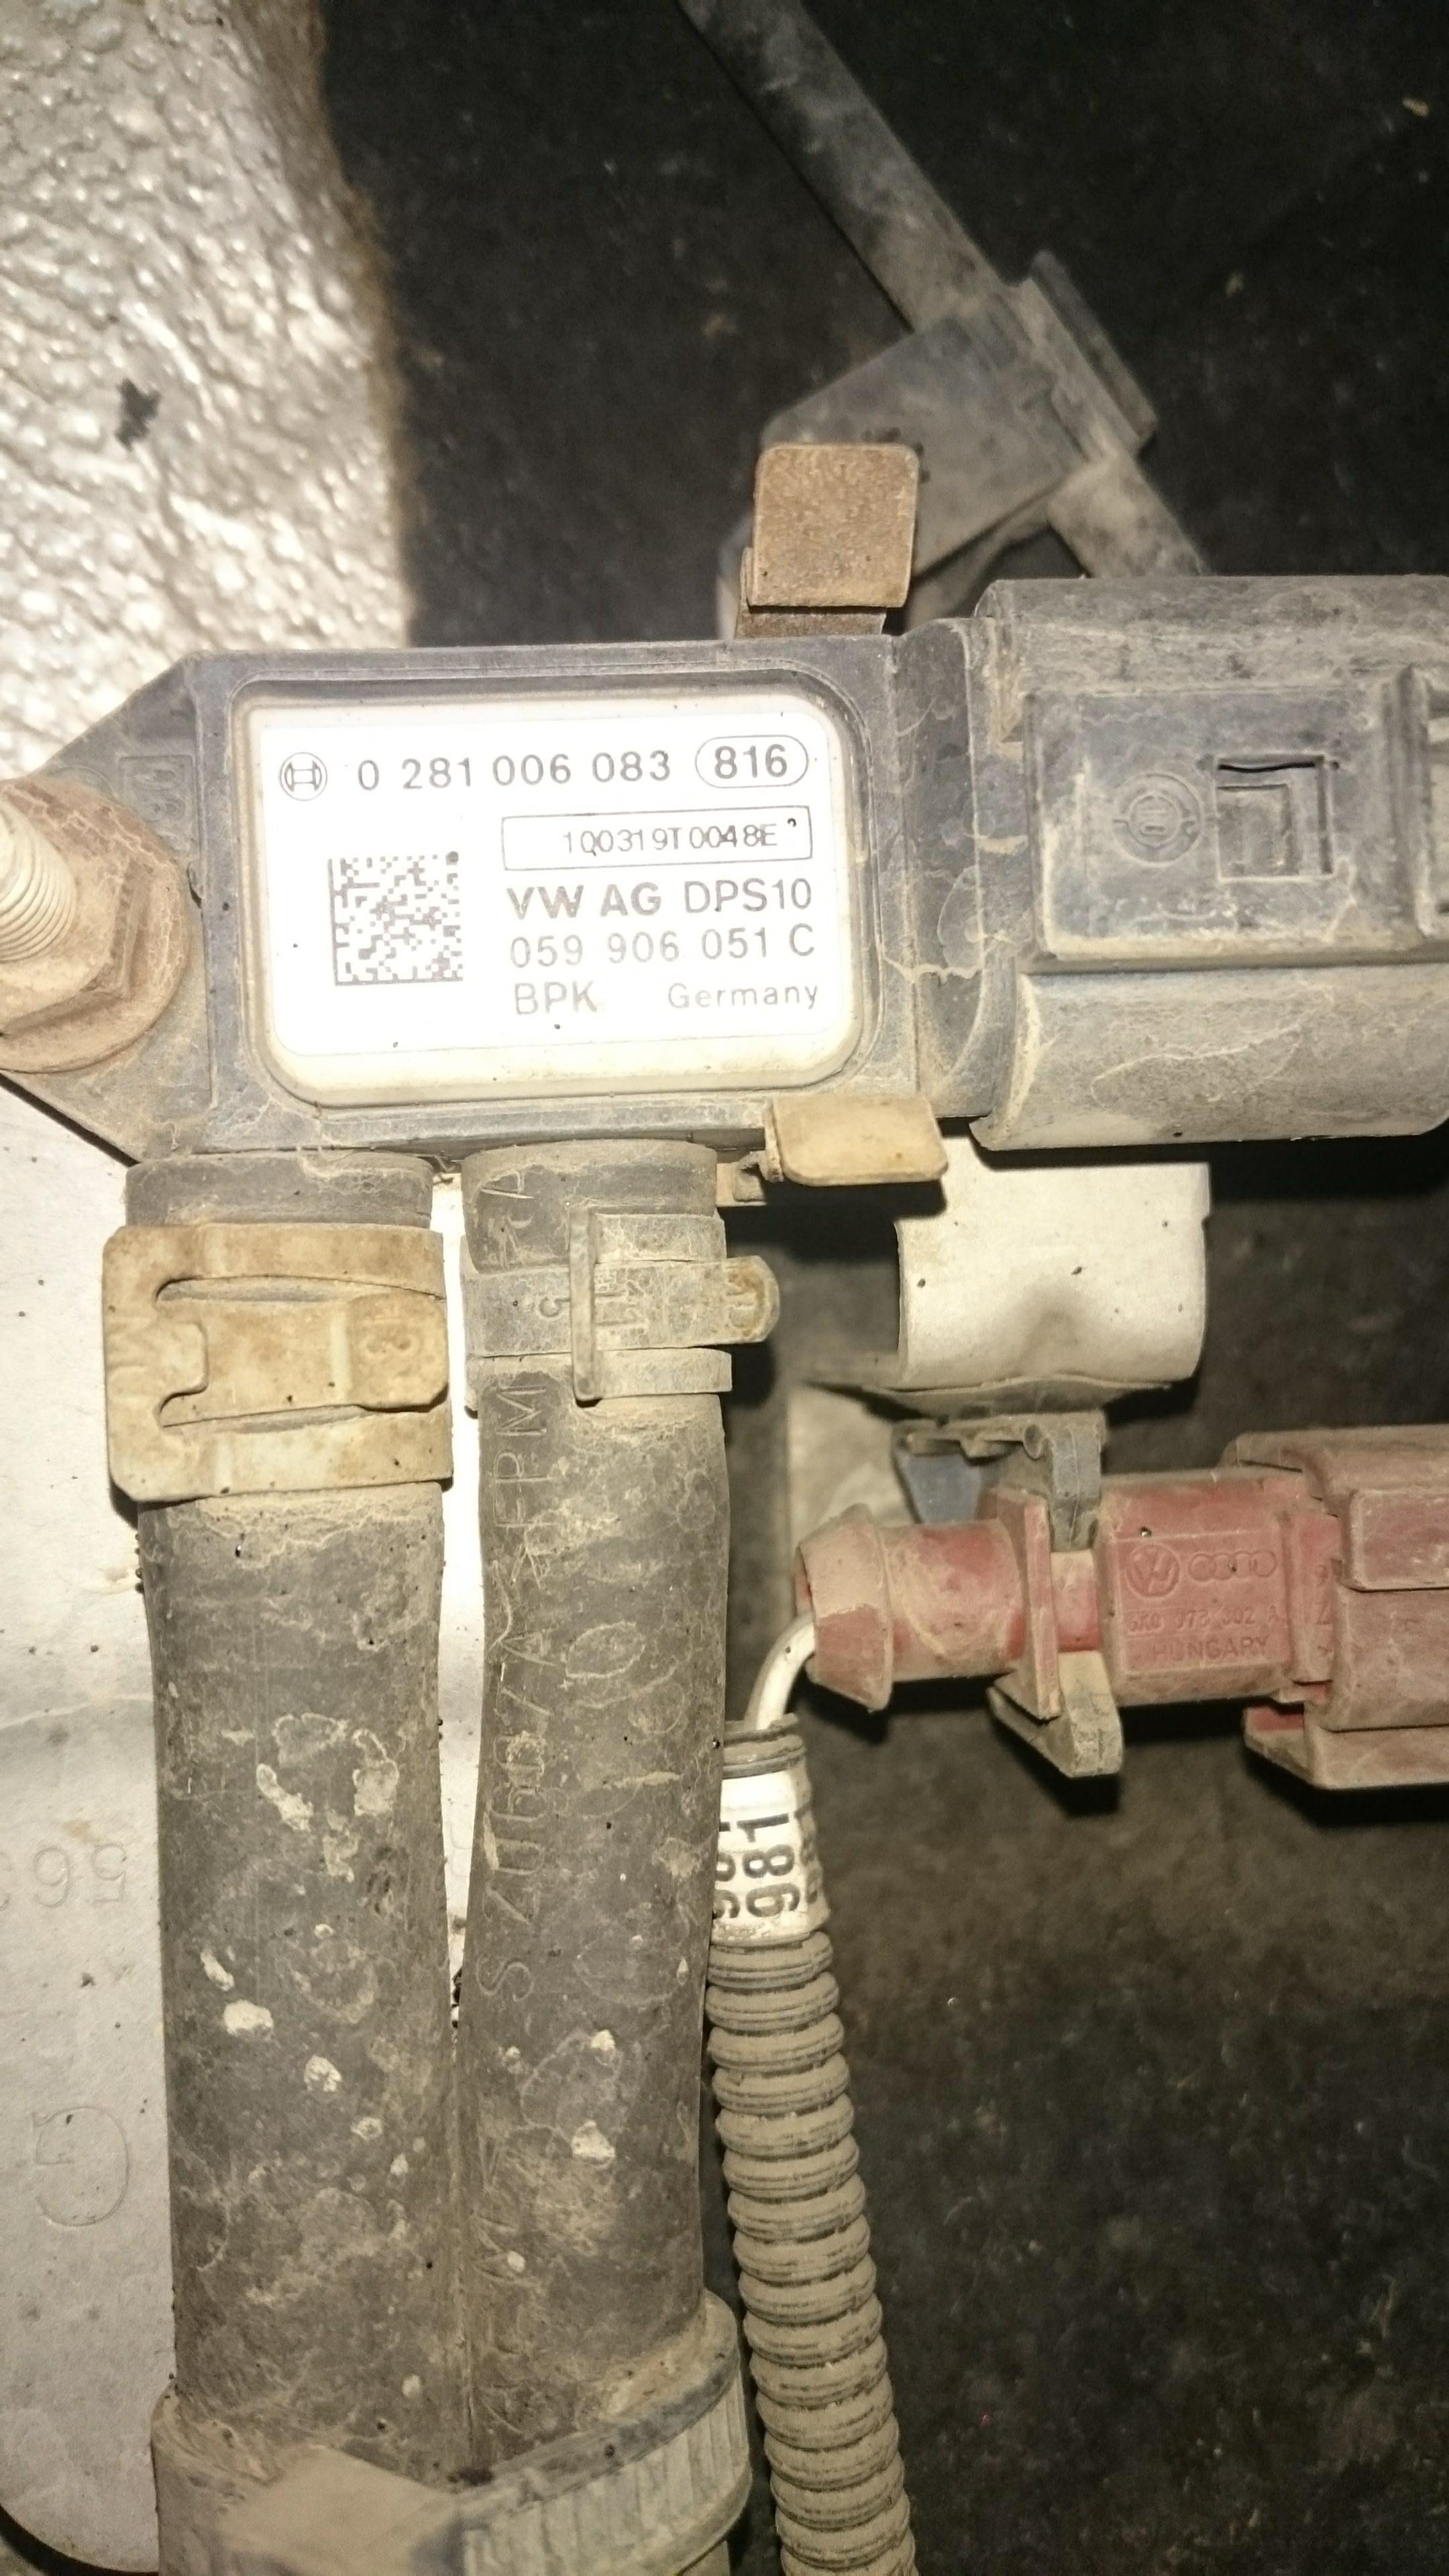 1 6 Tdi CR- bunch of problems inc DPF - Skoda Fabia Mk II